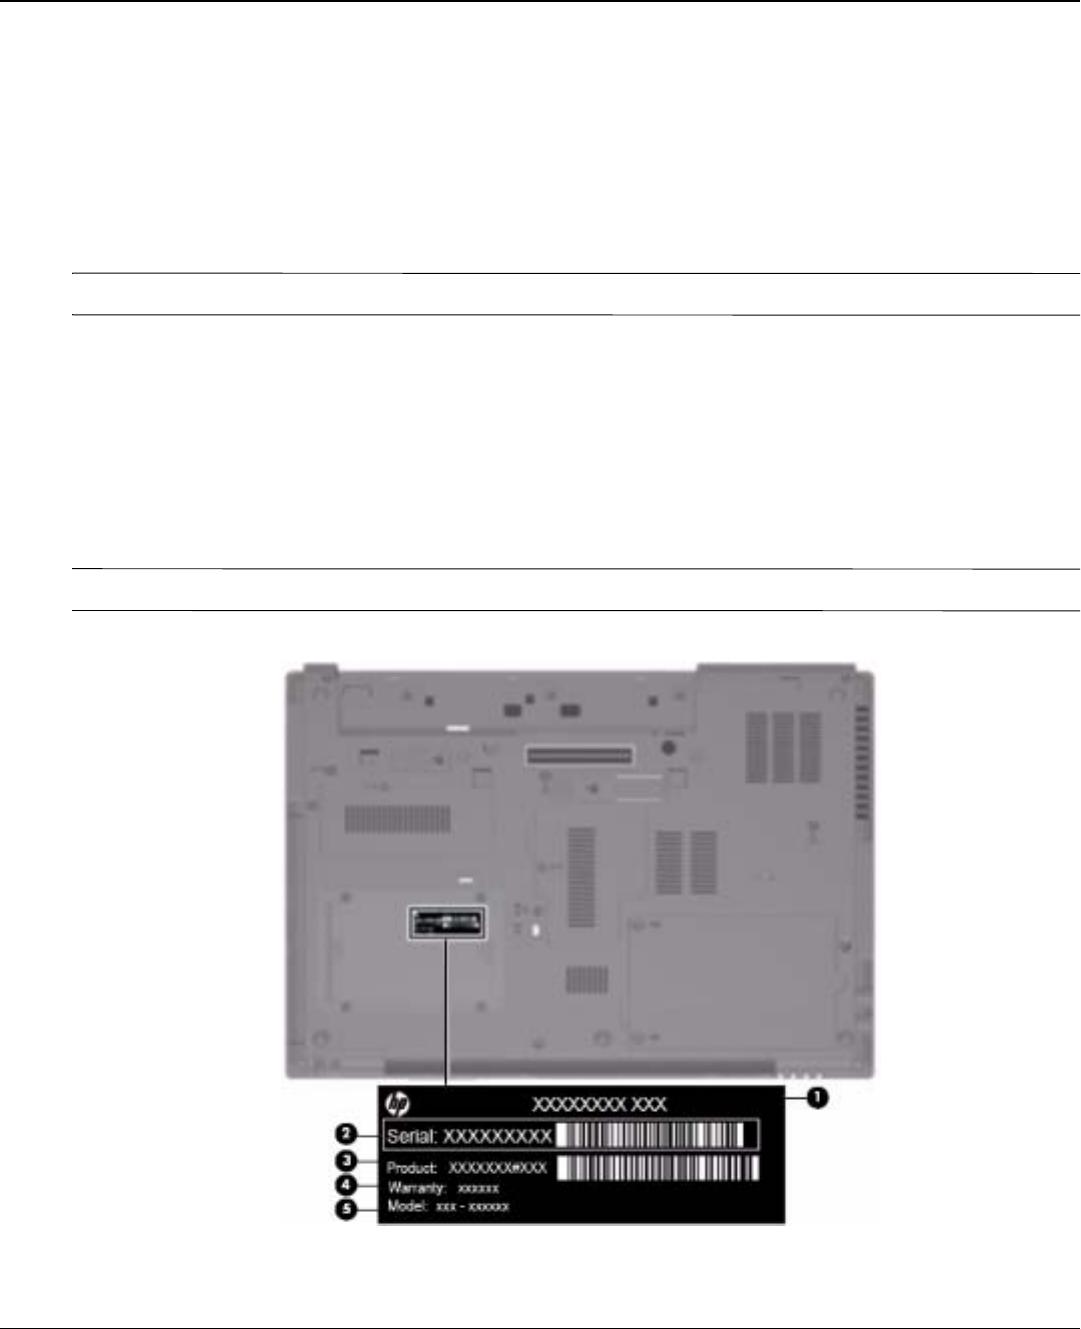 HP EliteBook 8440p Notebook PC and HP EliteBook 8440w Mobile